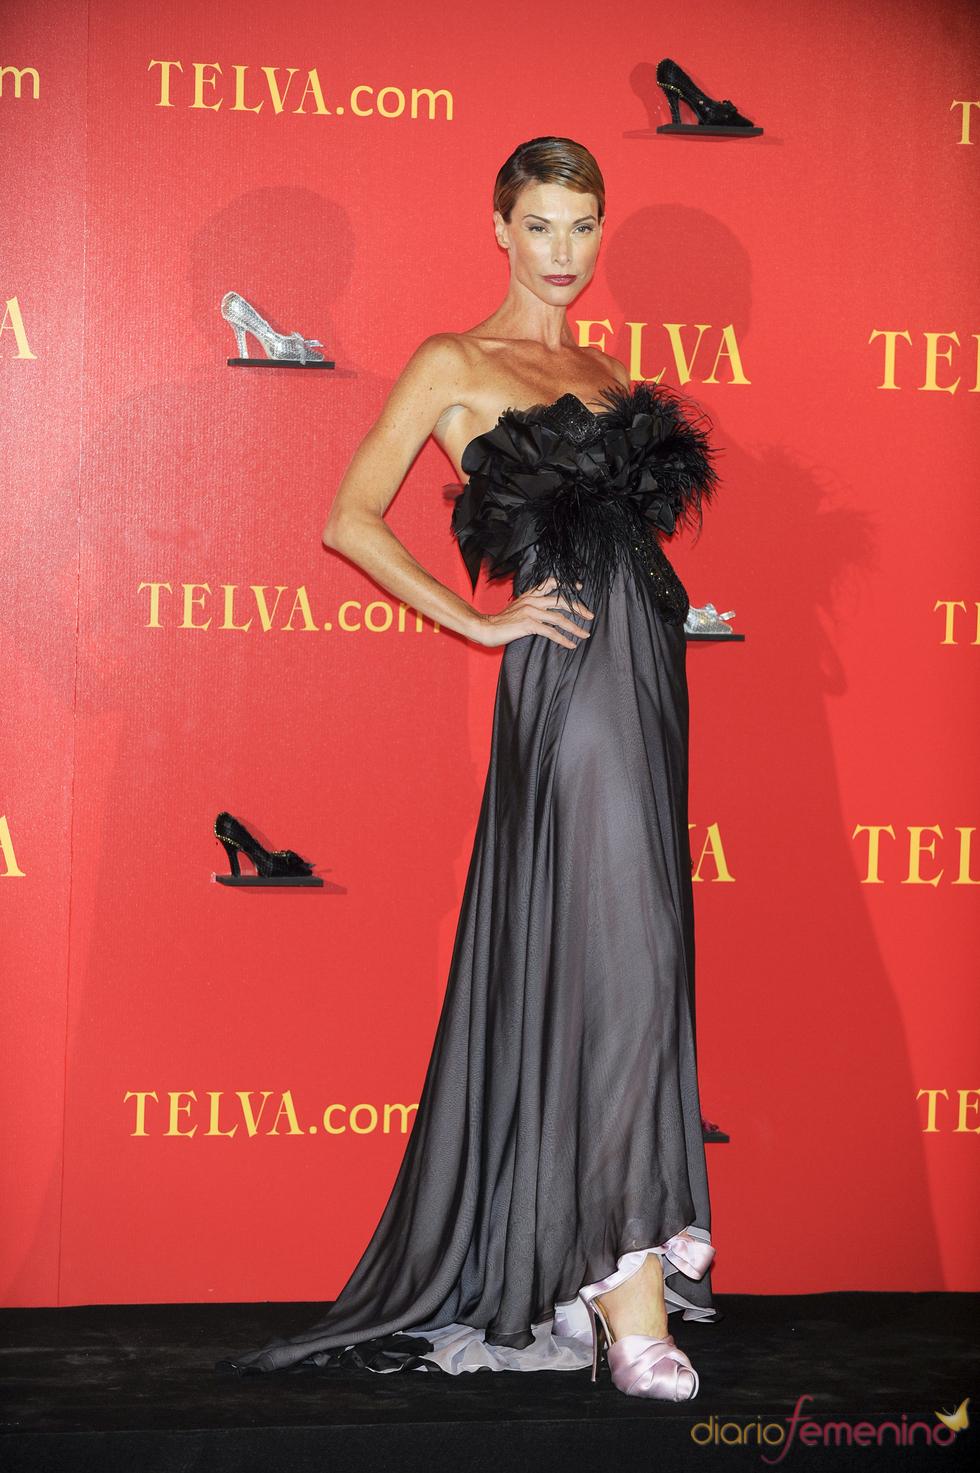 Cristina Piaget en los Premios Telva 2010